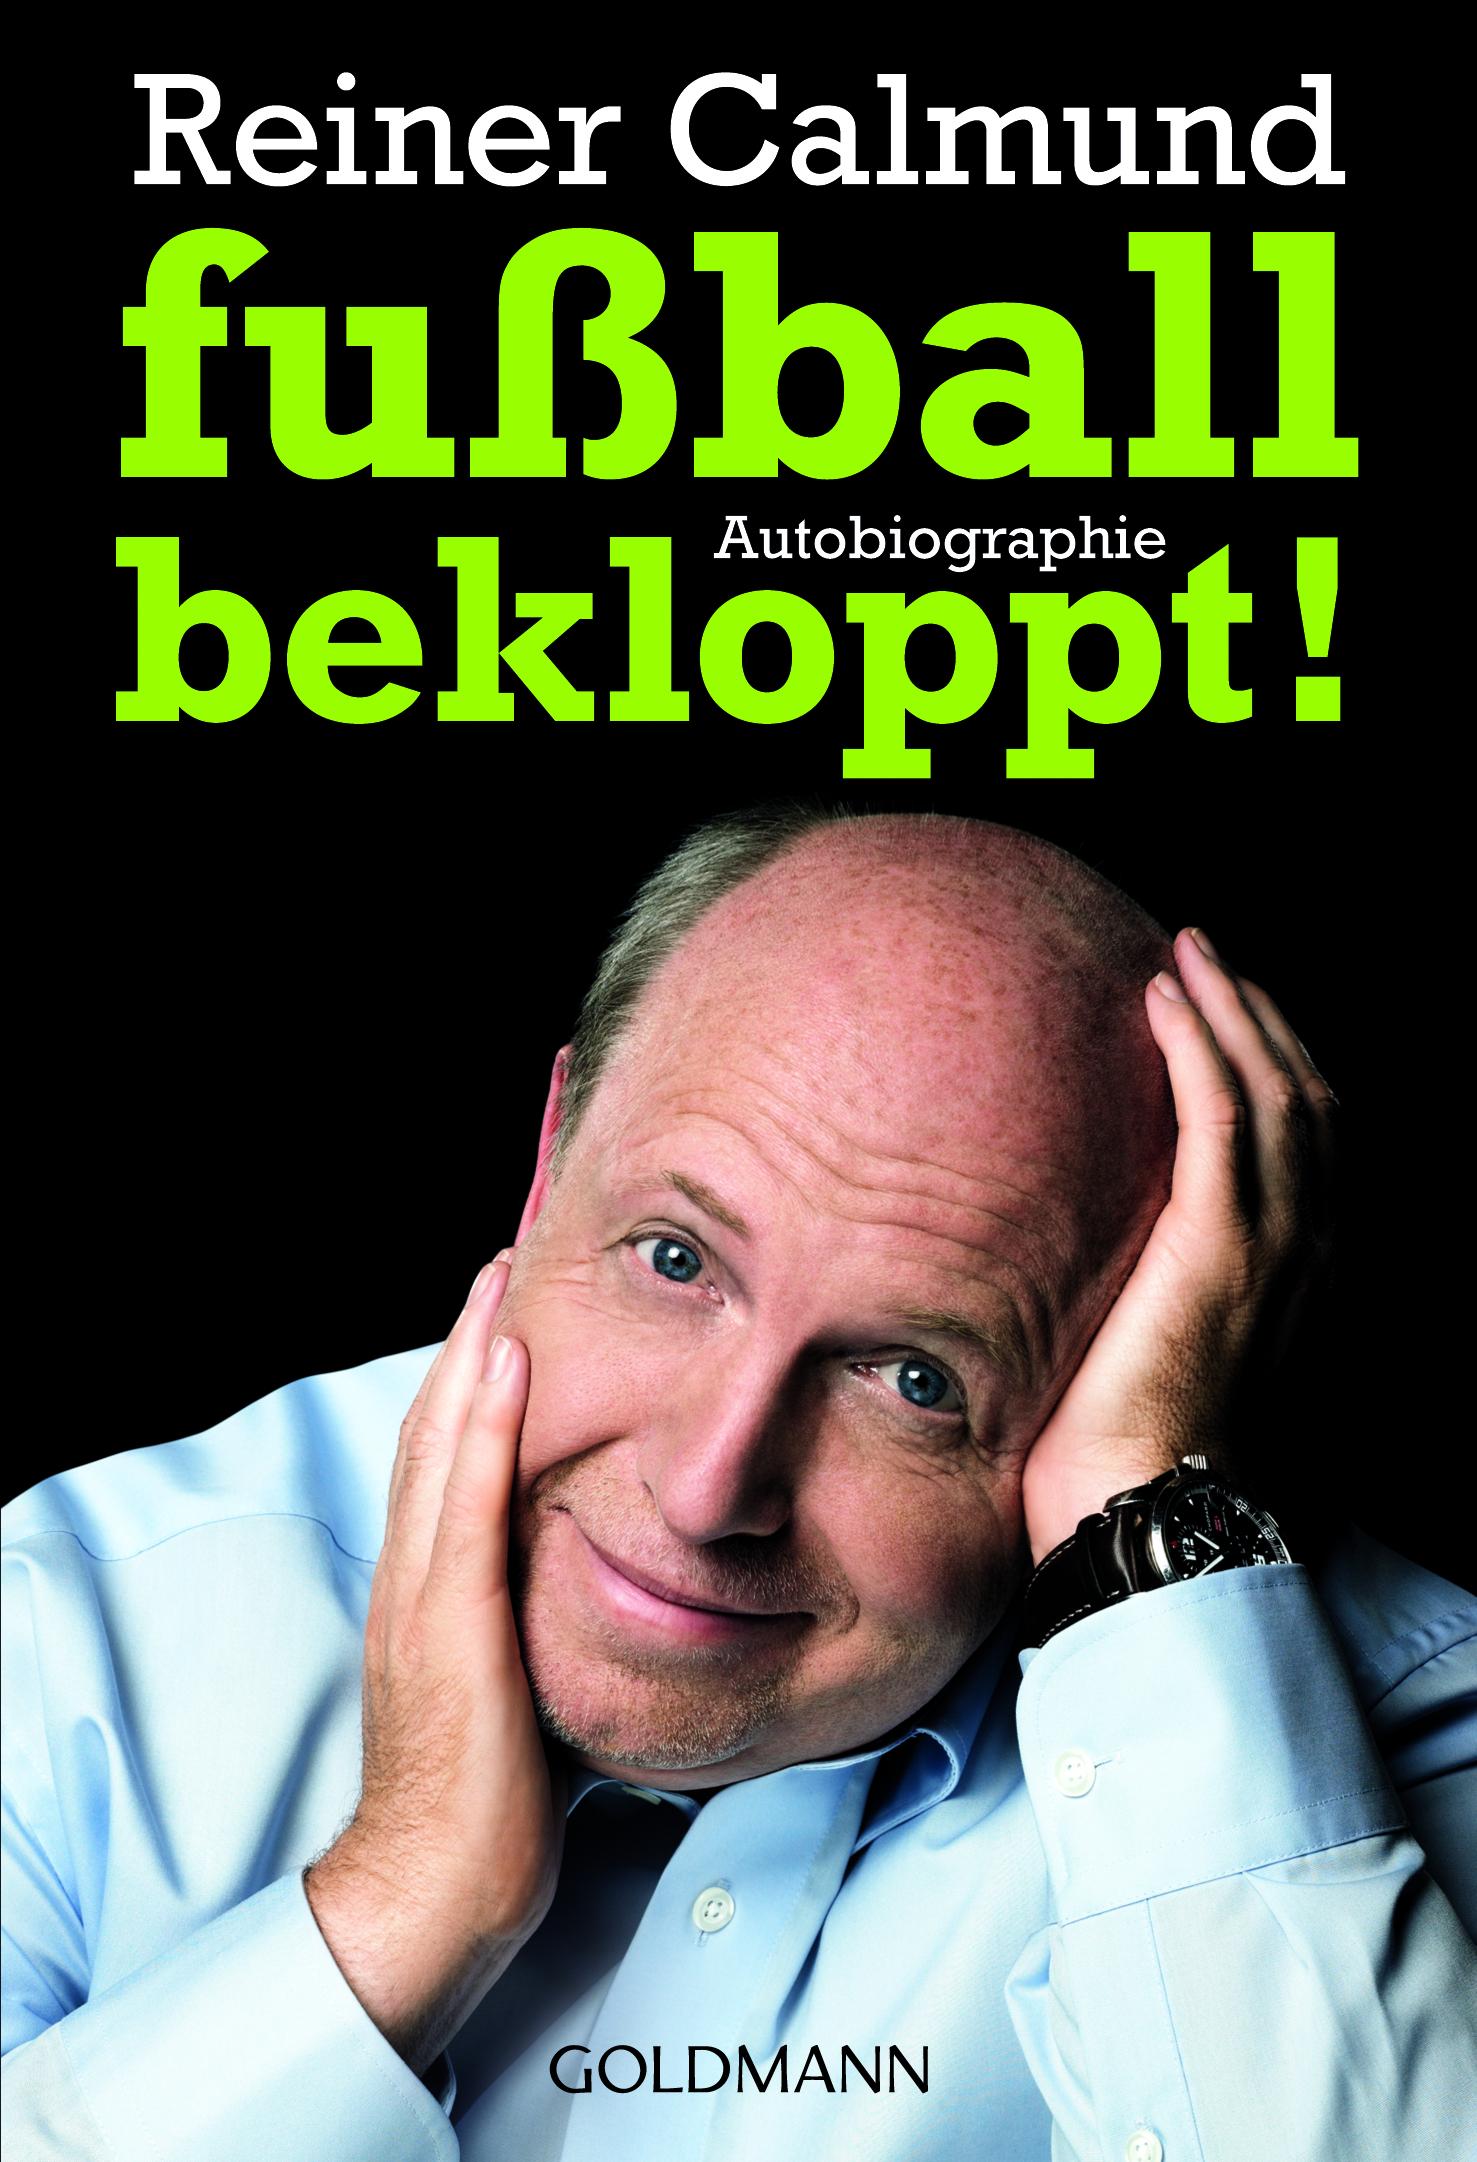 Expert Marketplace -  Reiner Calmund  - fußballbekloppt! Autobiografie